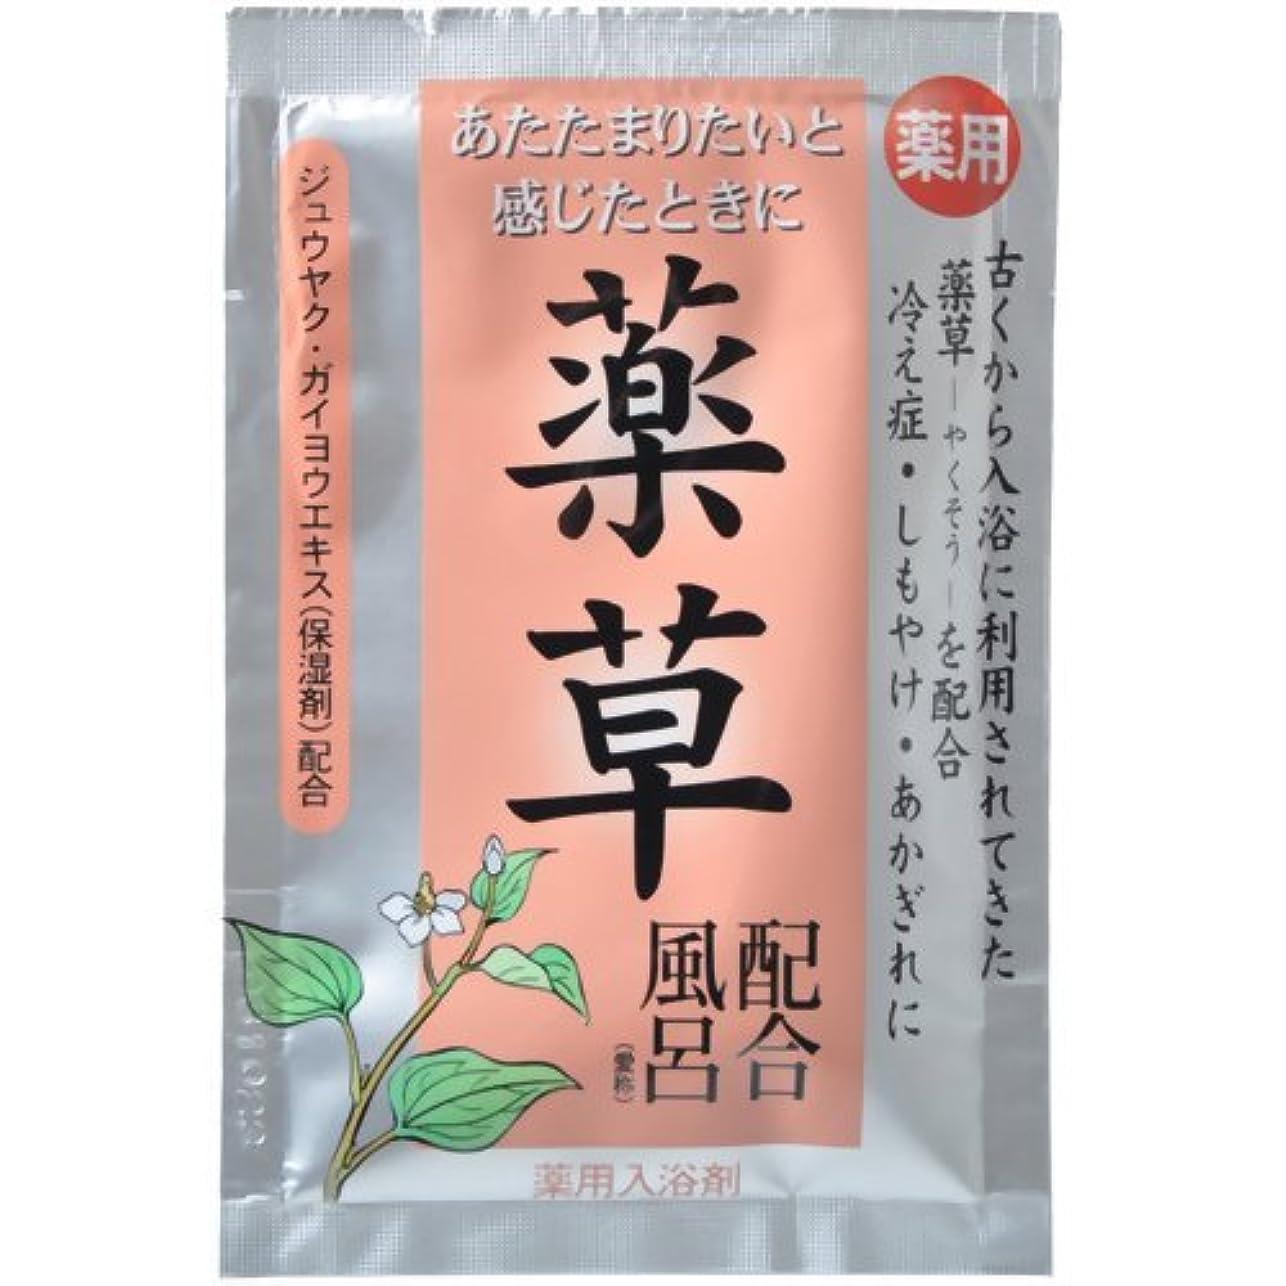 強調する騙す慈悲深い古風植物風呂 薬草配合風呂 25g(入浴剤)